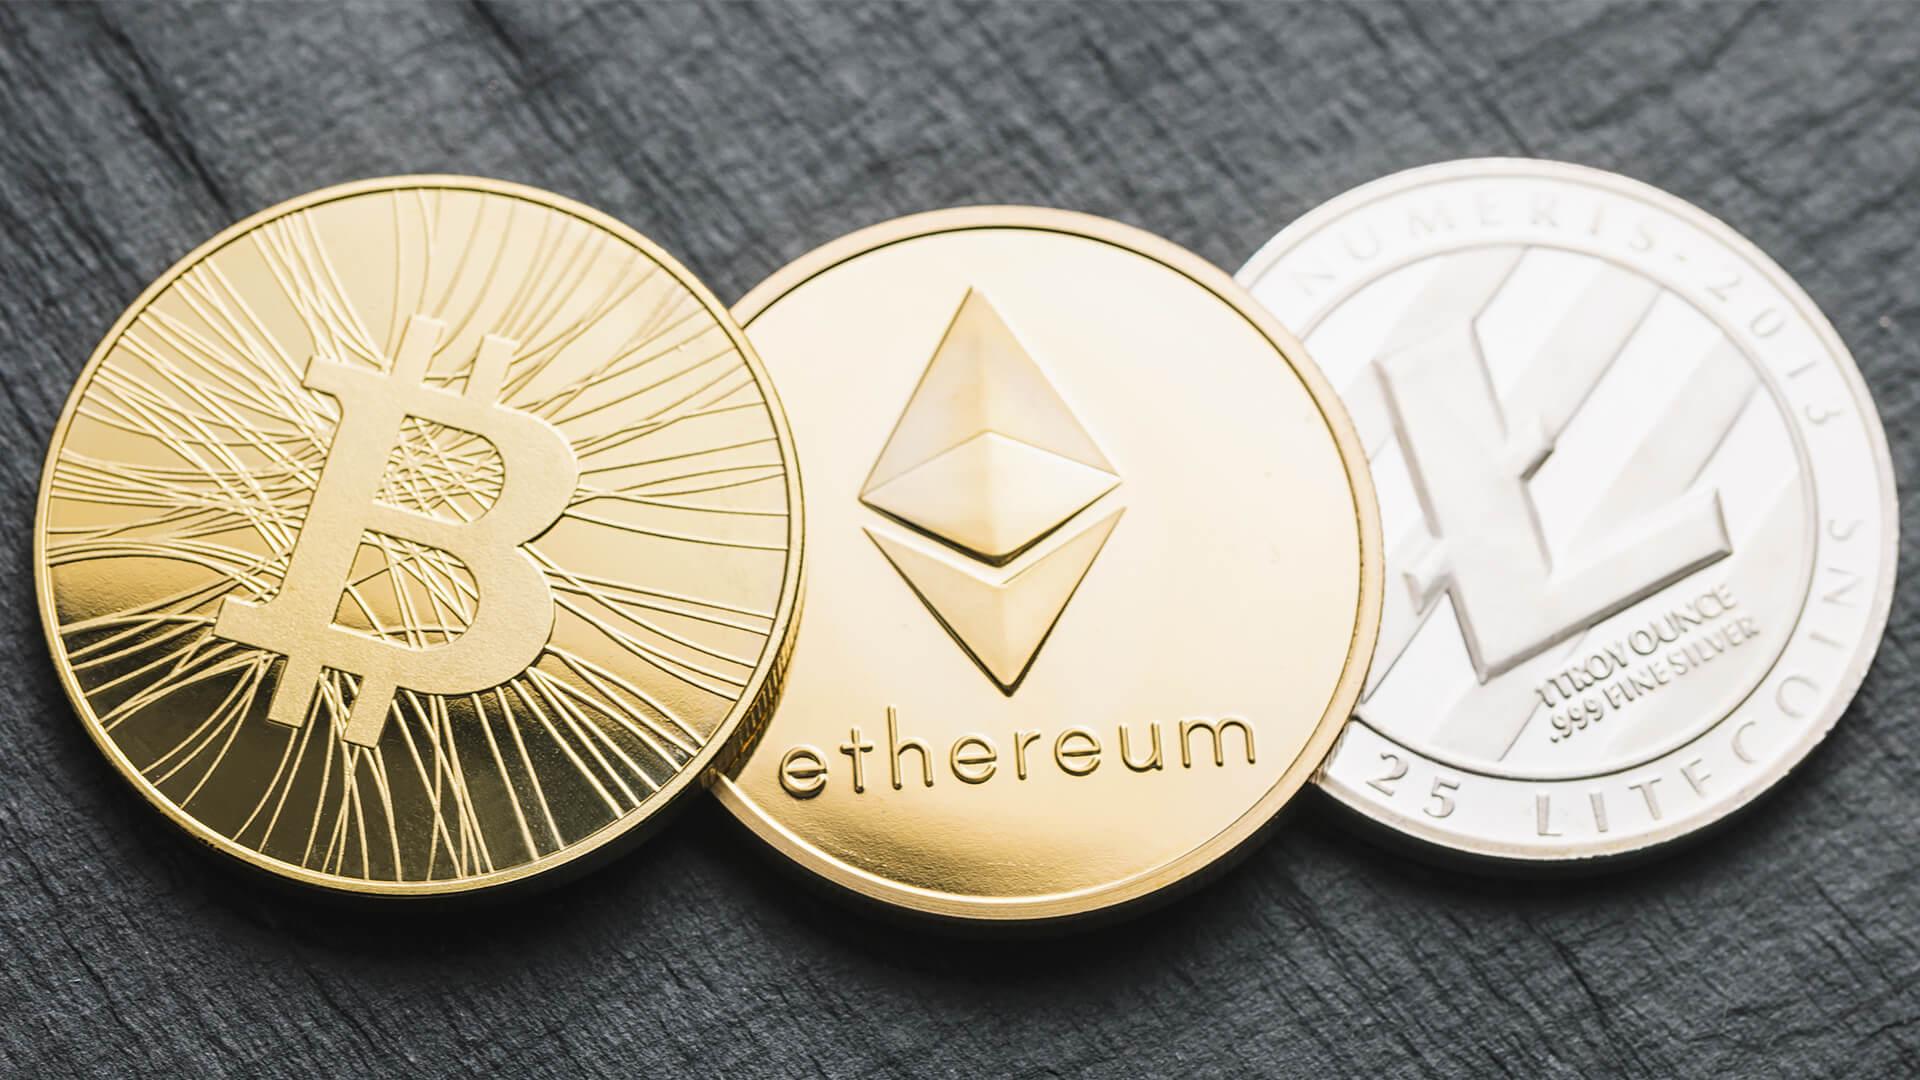 Kaip iš tikrųjų uždirbti pinigus iš bitcoins iaeregionas.lt